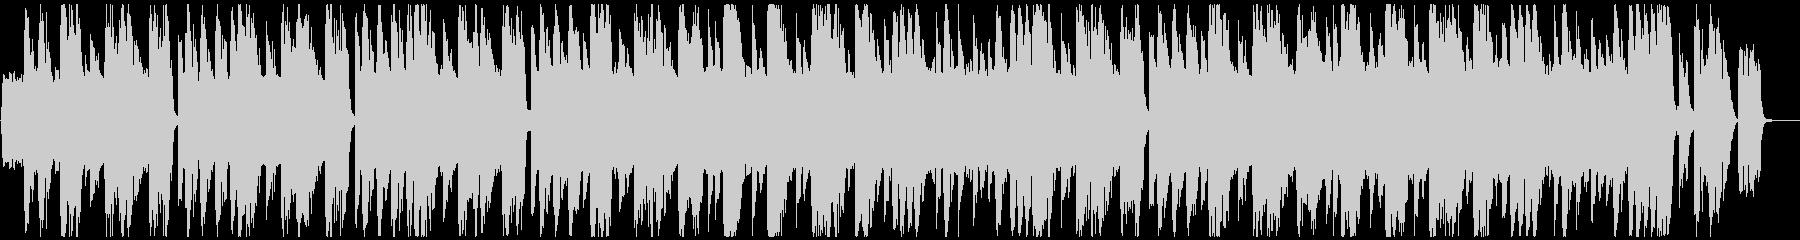 テンション高めなエリーゼのために-30秒の未再生の波形